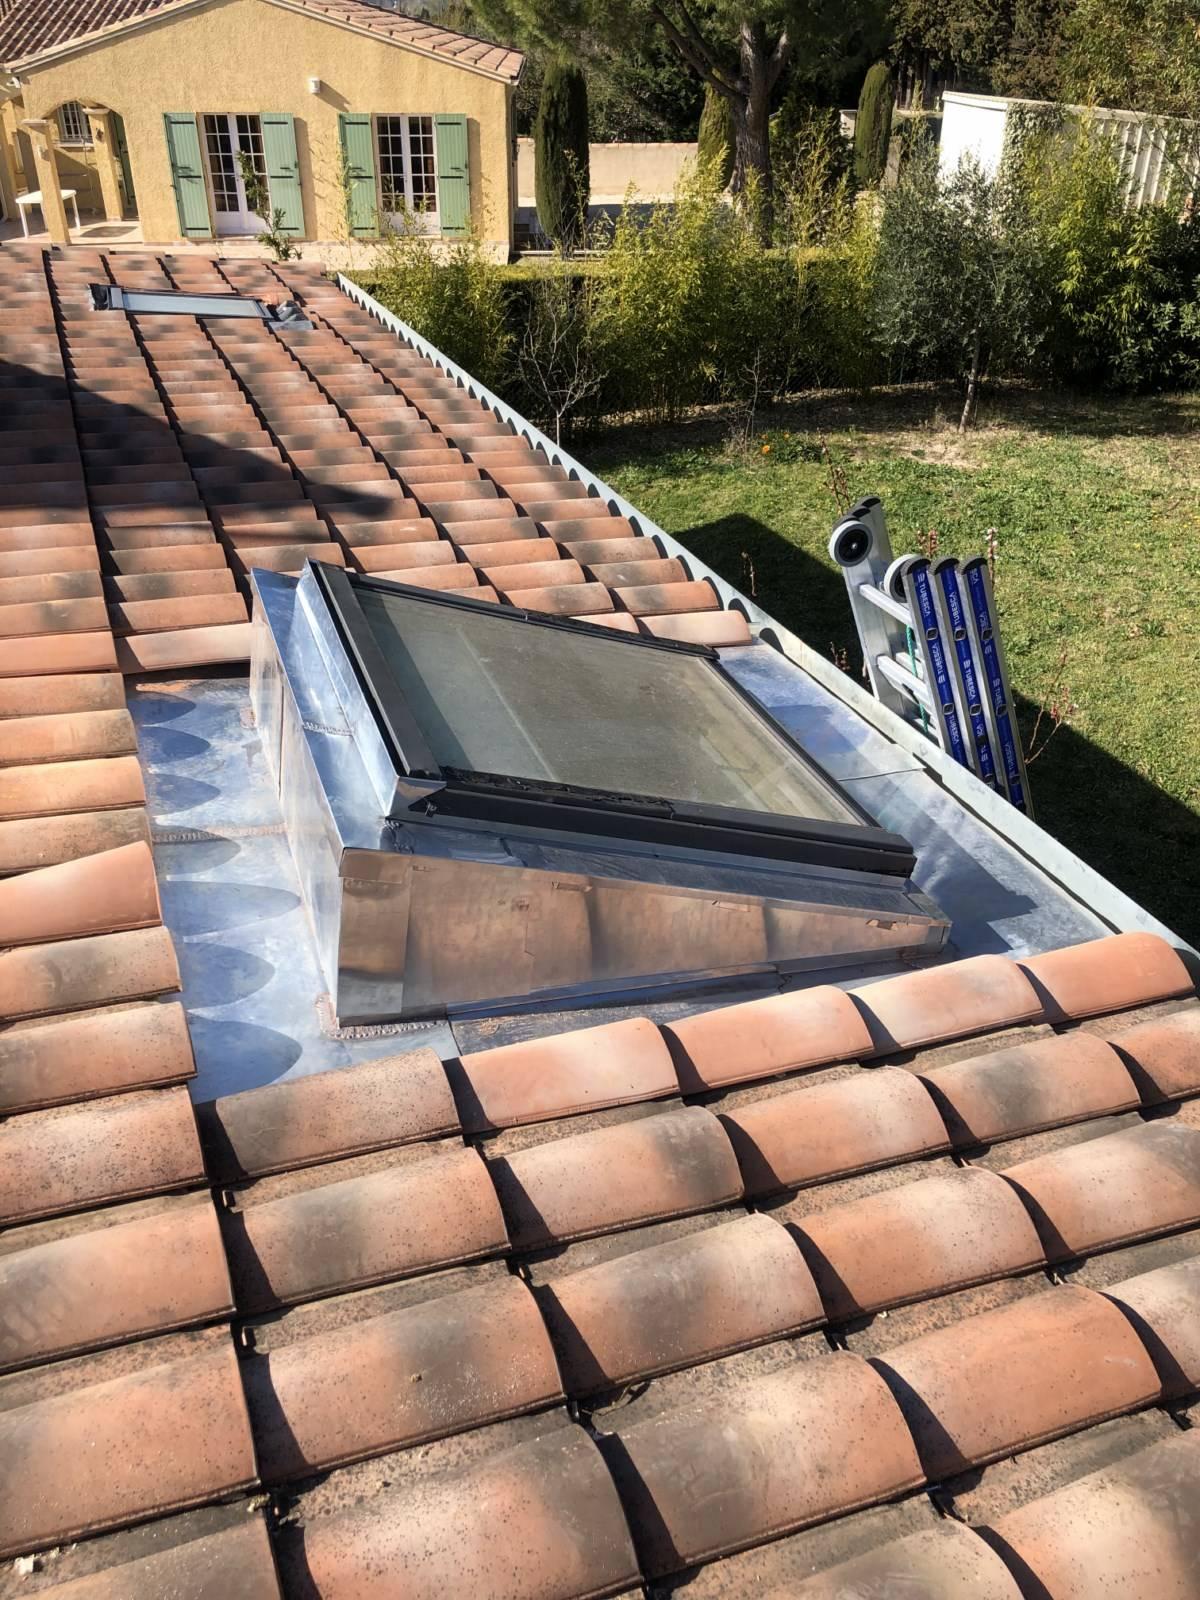 étanchéité de velux en zinc , fenêtres de toit à Mallemort, zinguerie, rénovation et réfection ...